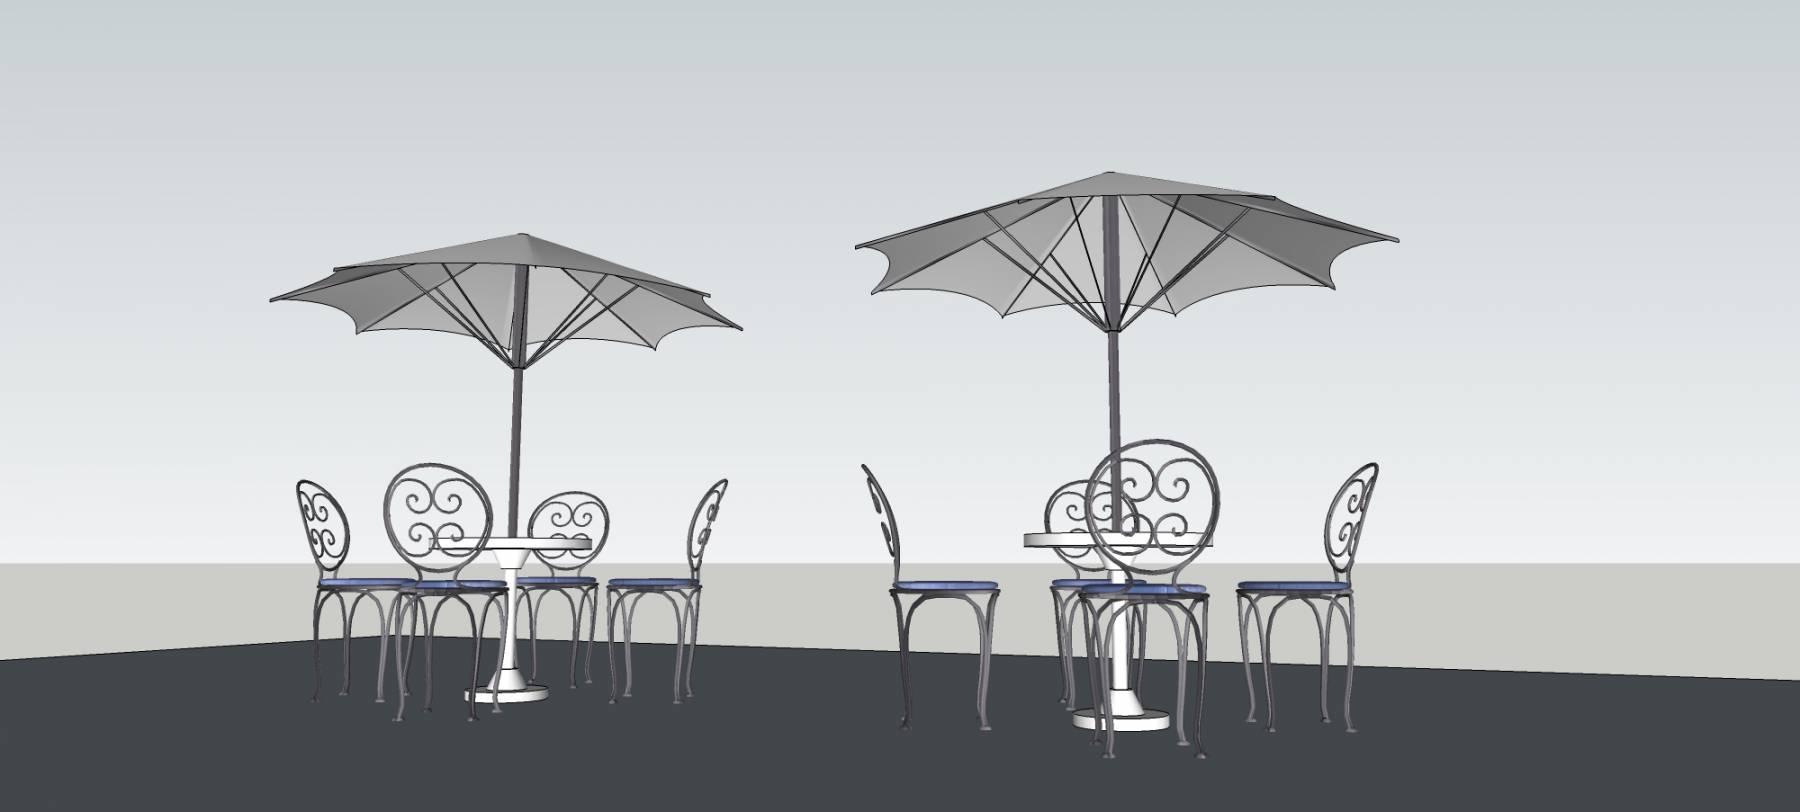 露天座椅及伞亭